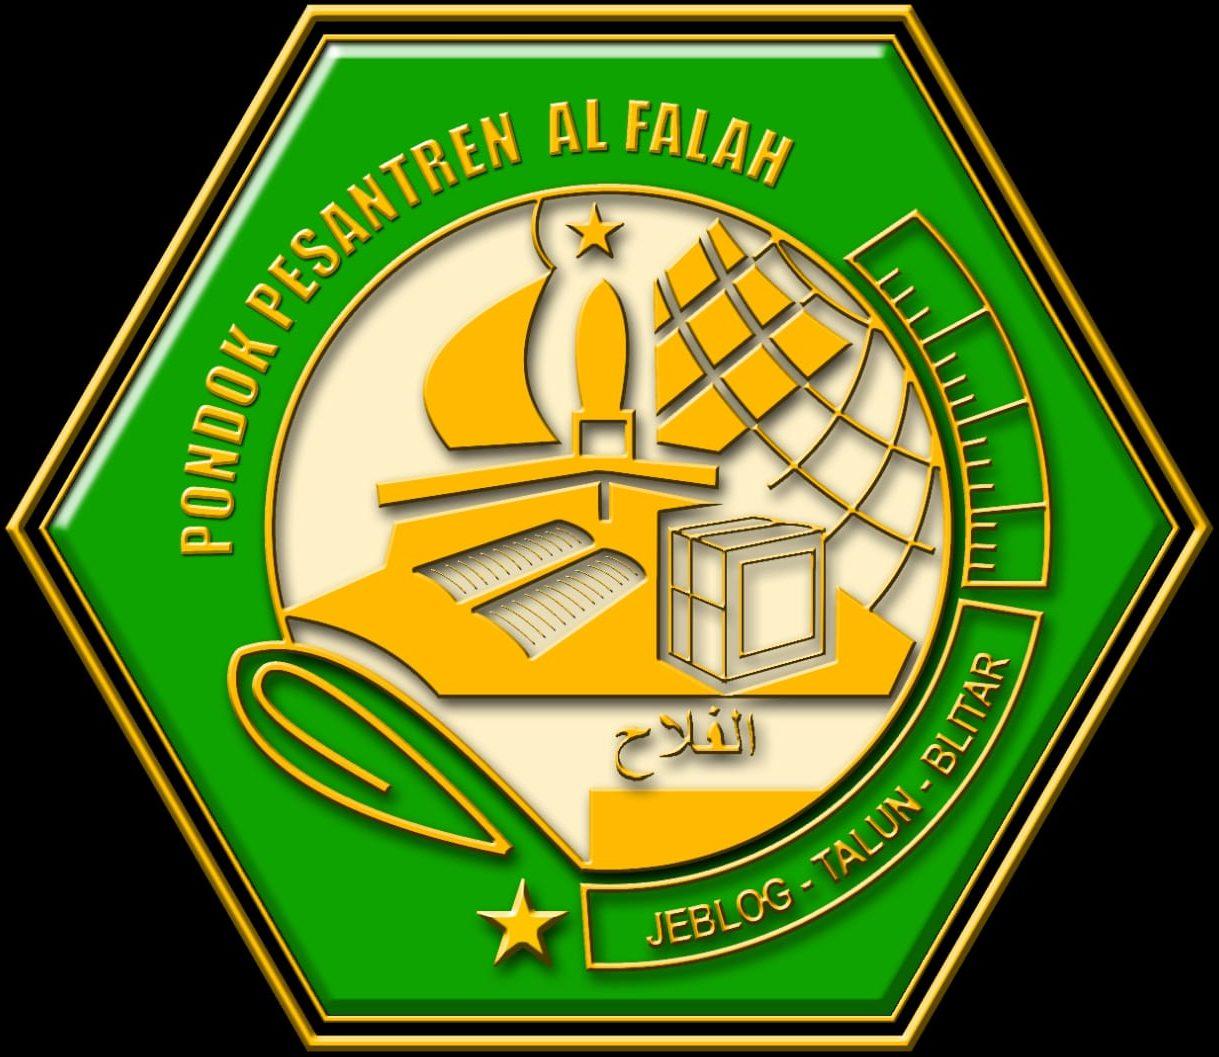 Pondok Pesantren Al-Falah Jeblog